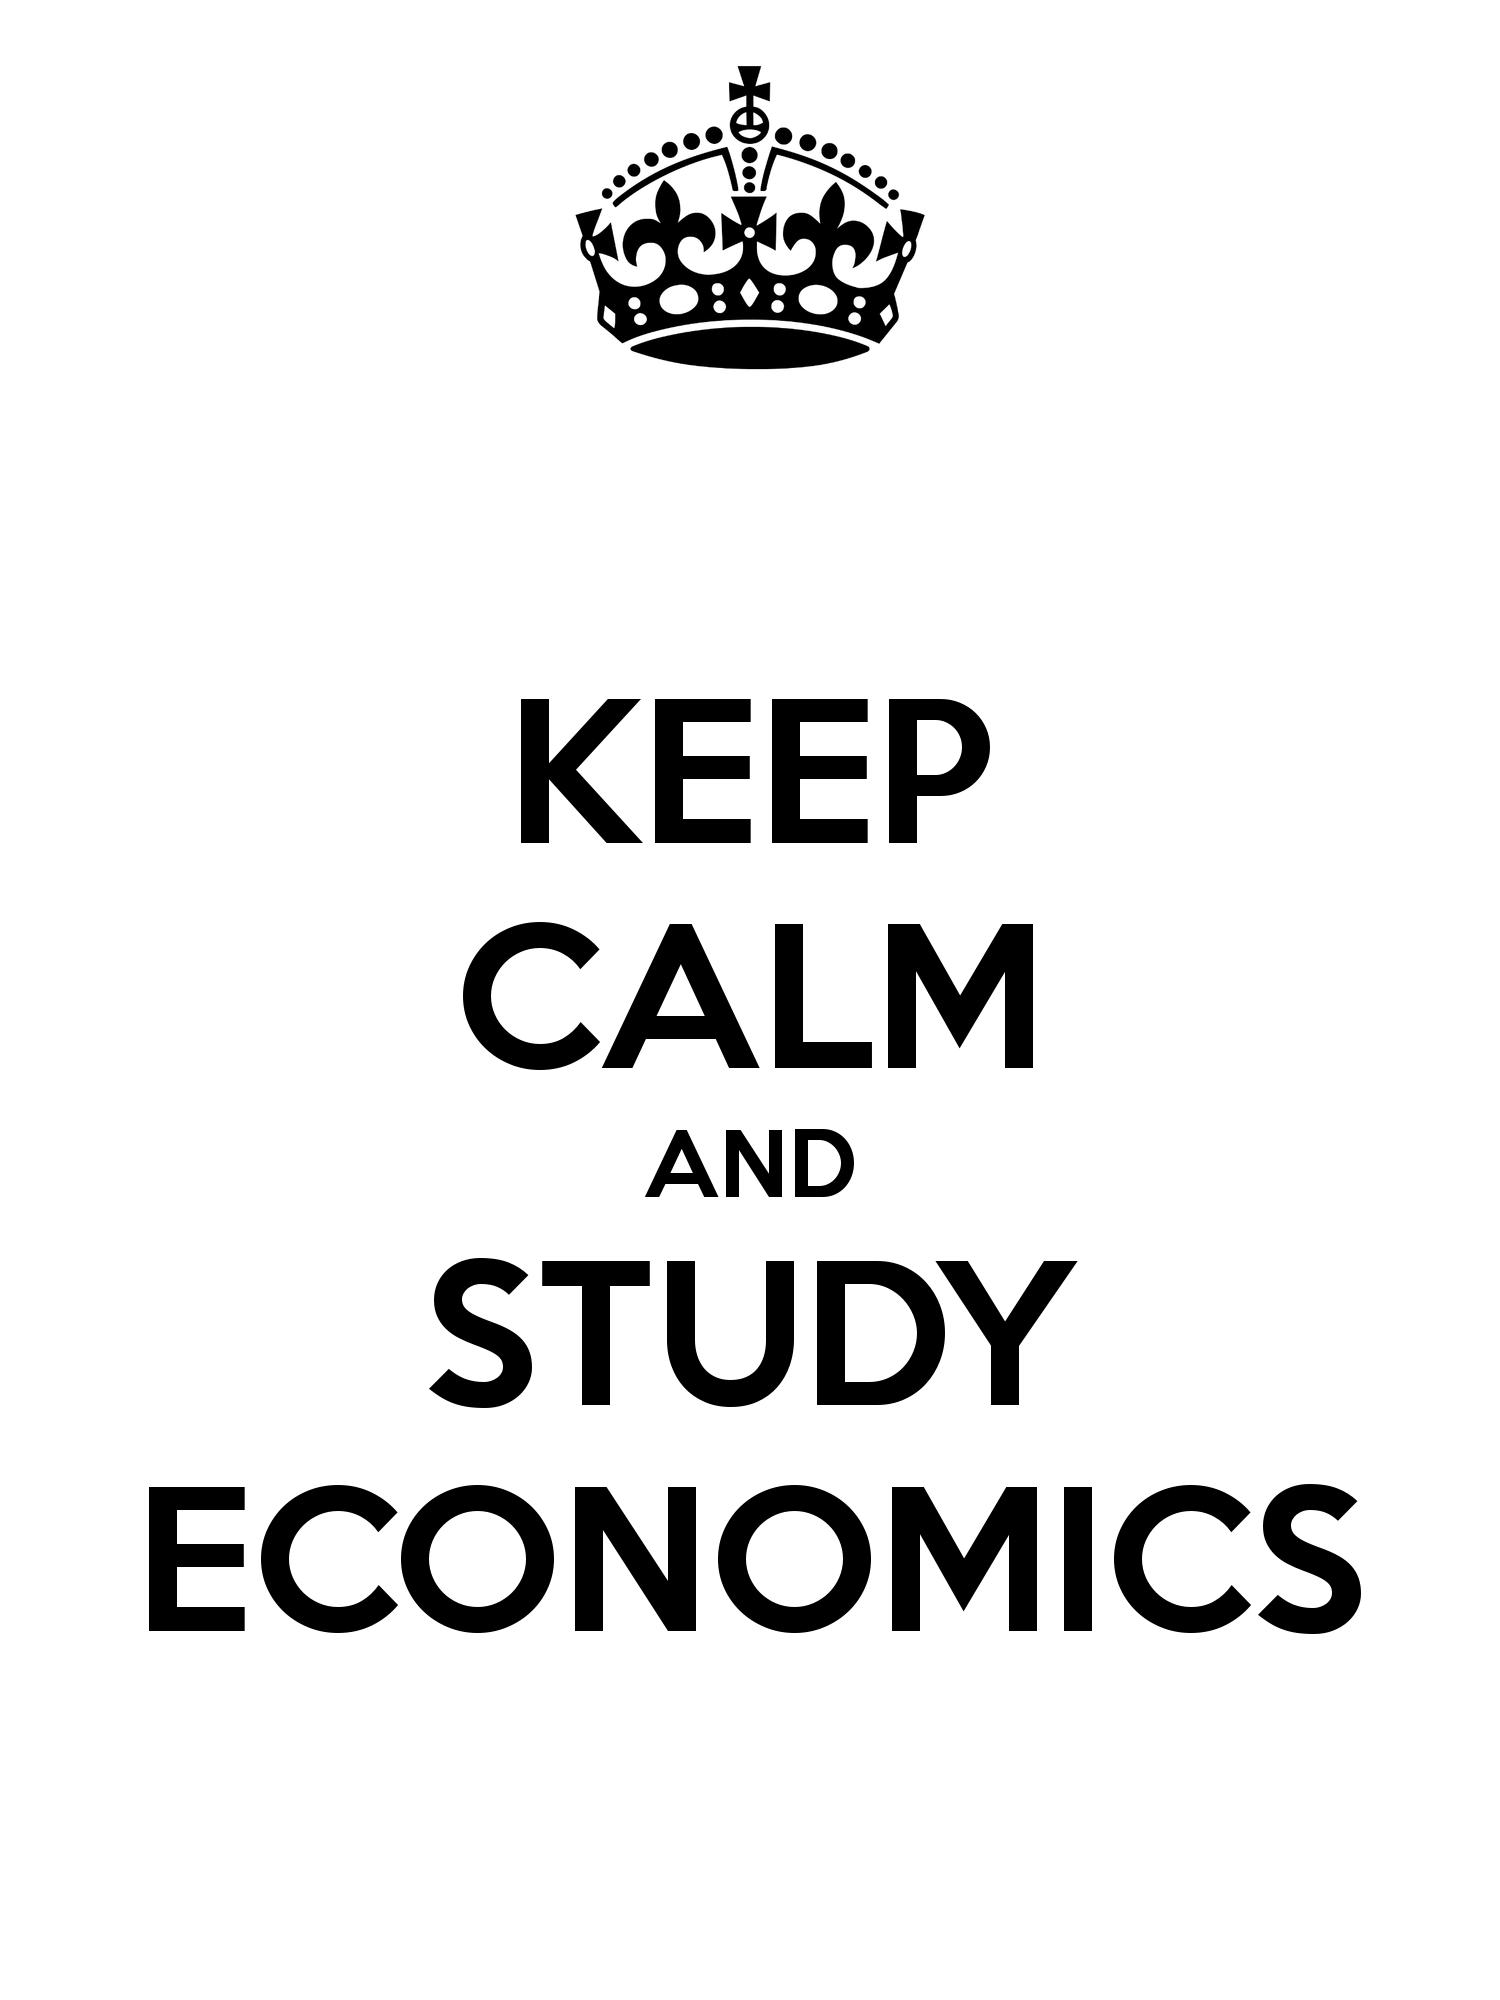 Economics: Hoist by its own Petard?